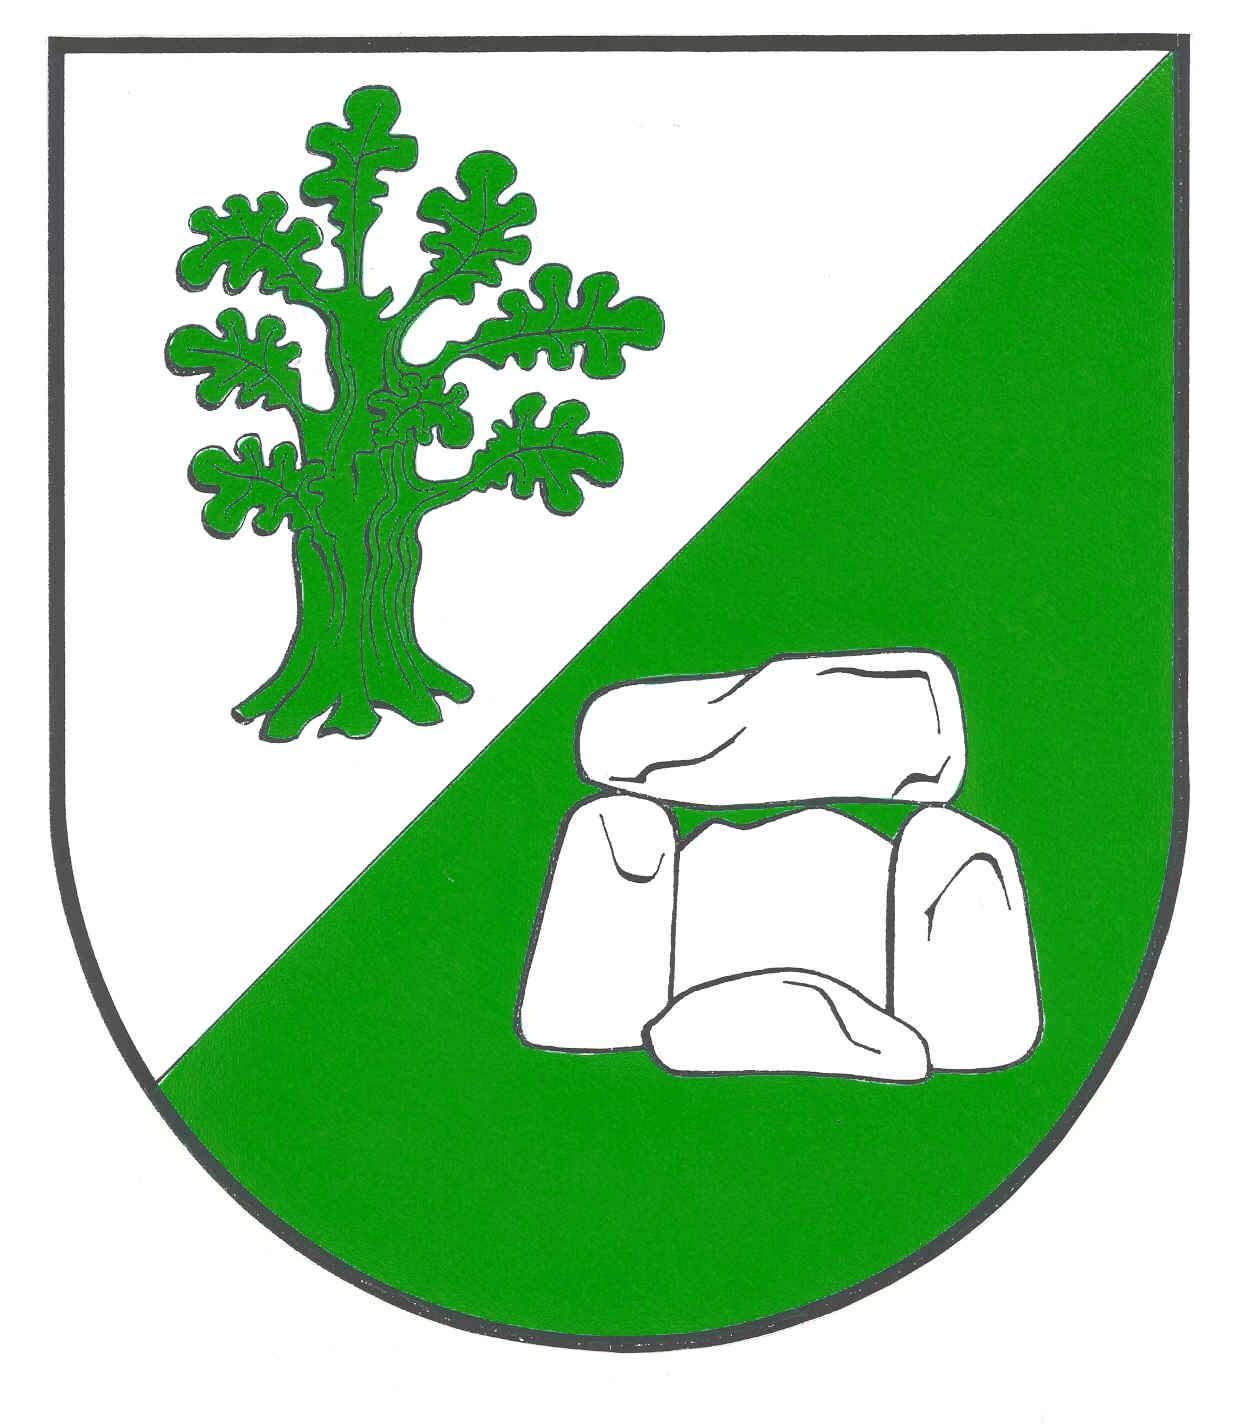 Wappen GemeindeHüsby, Kreis Schleswig-Flensburg